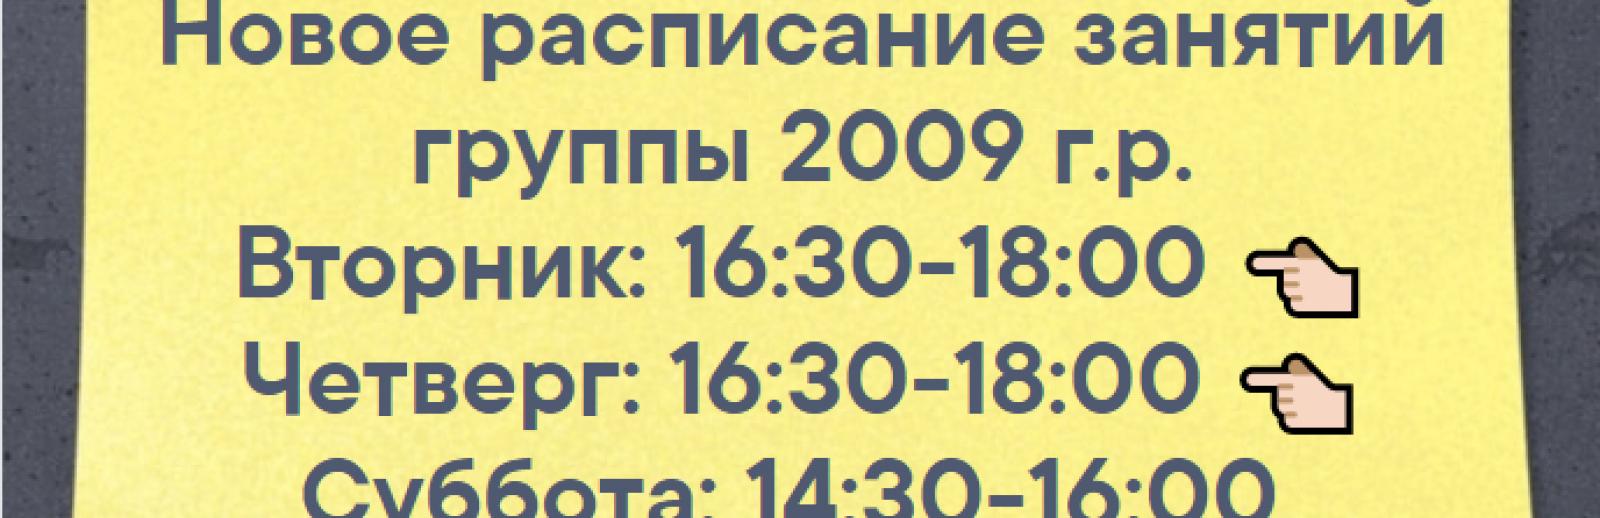 Изменилось расписание тренировок для группы 2009 г.р.